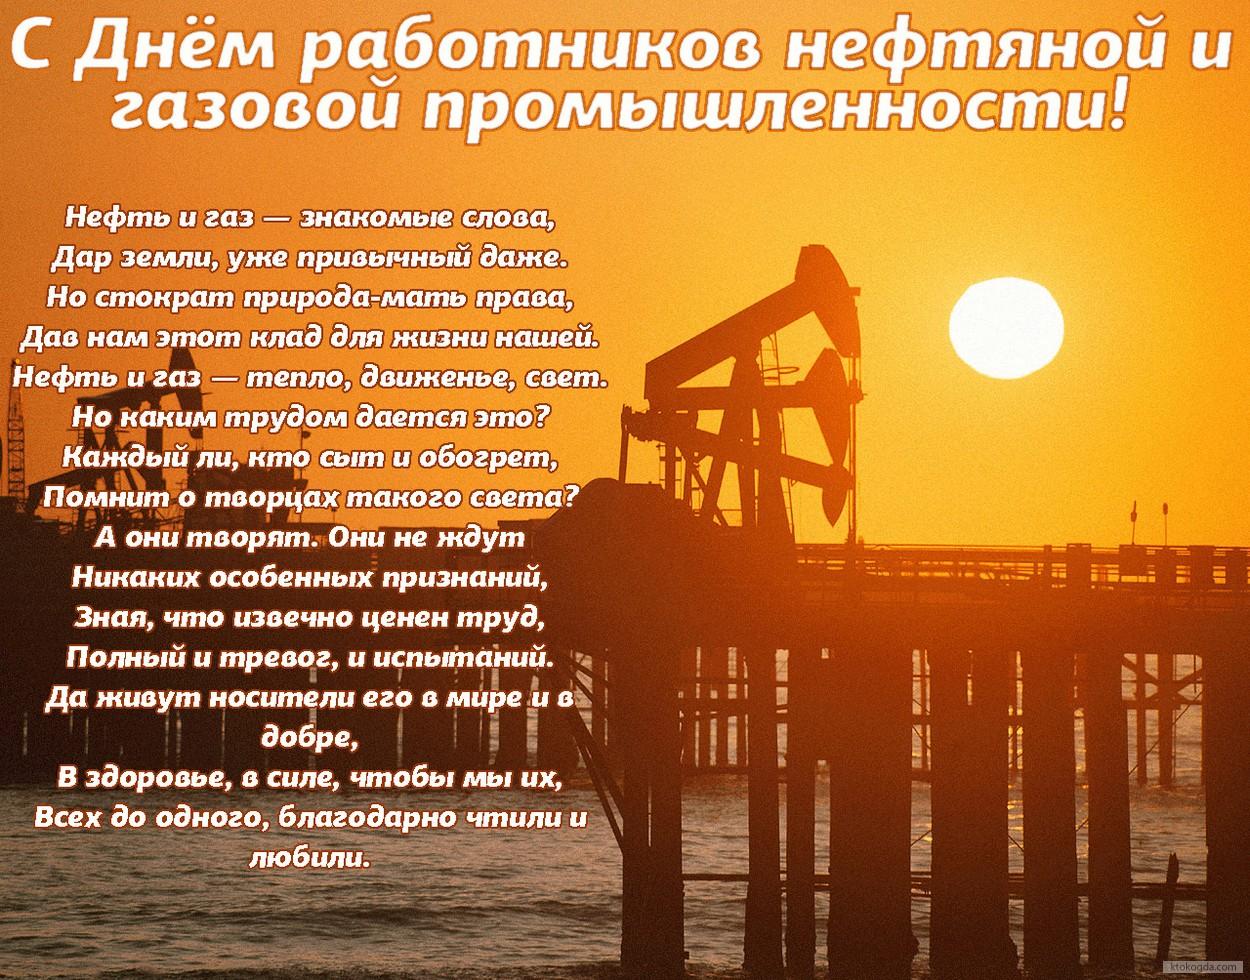 стих поздравления ко дню нефтяника модницы